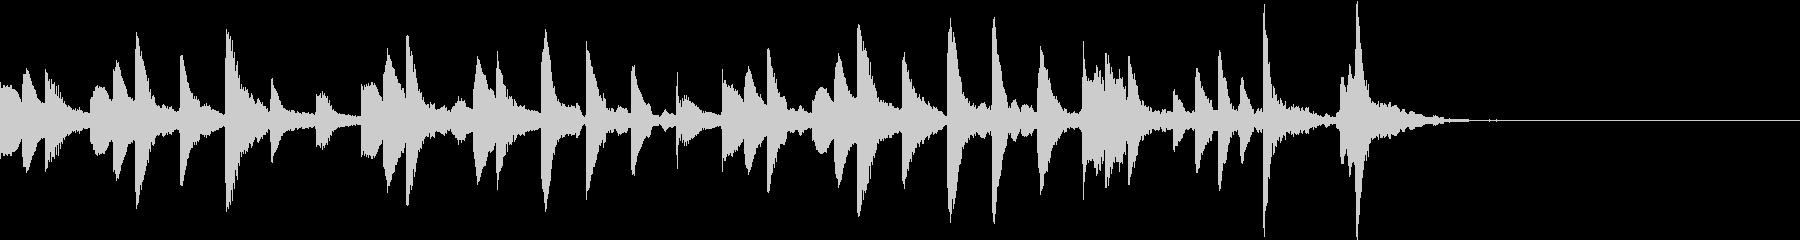 マリンバ系ジングルの未再生の波形